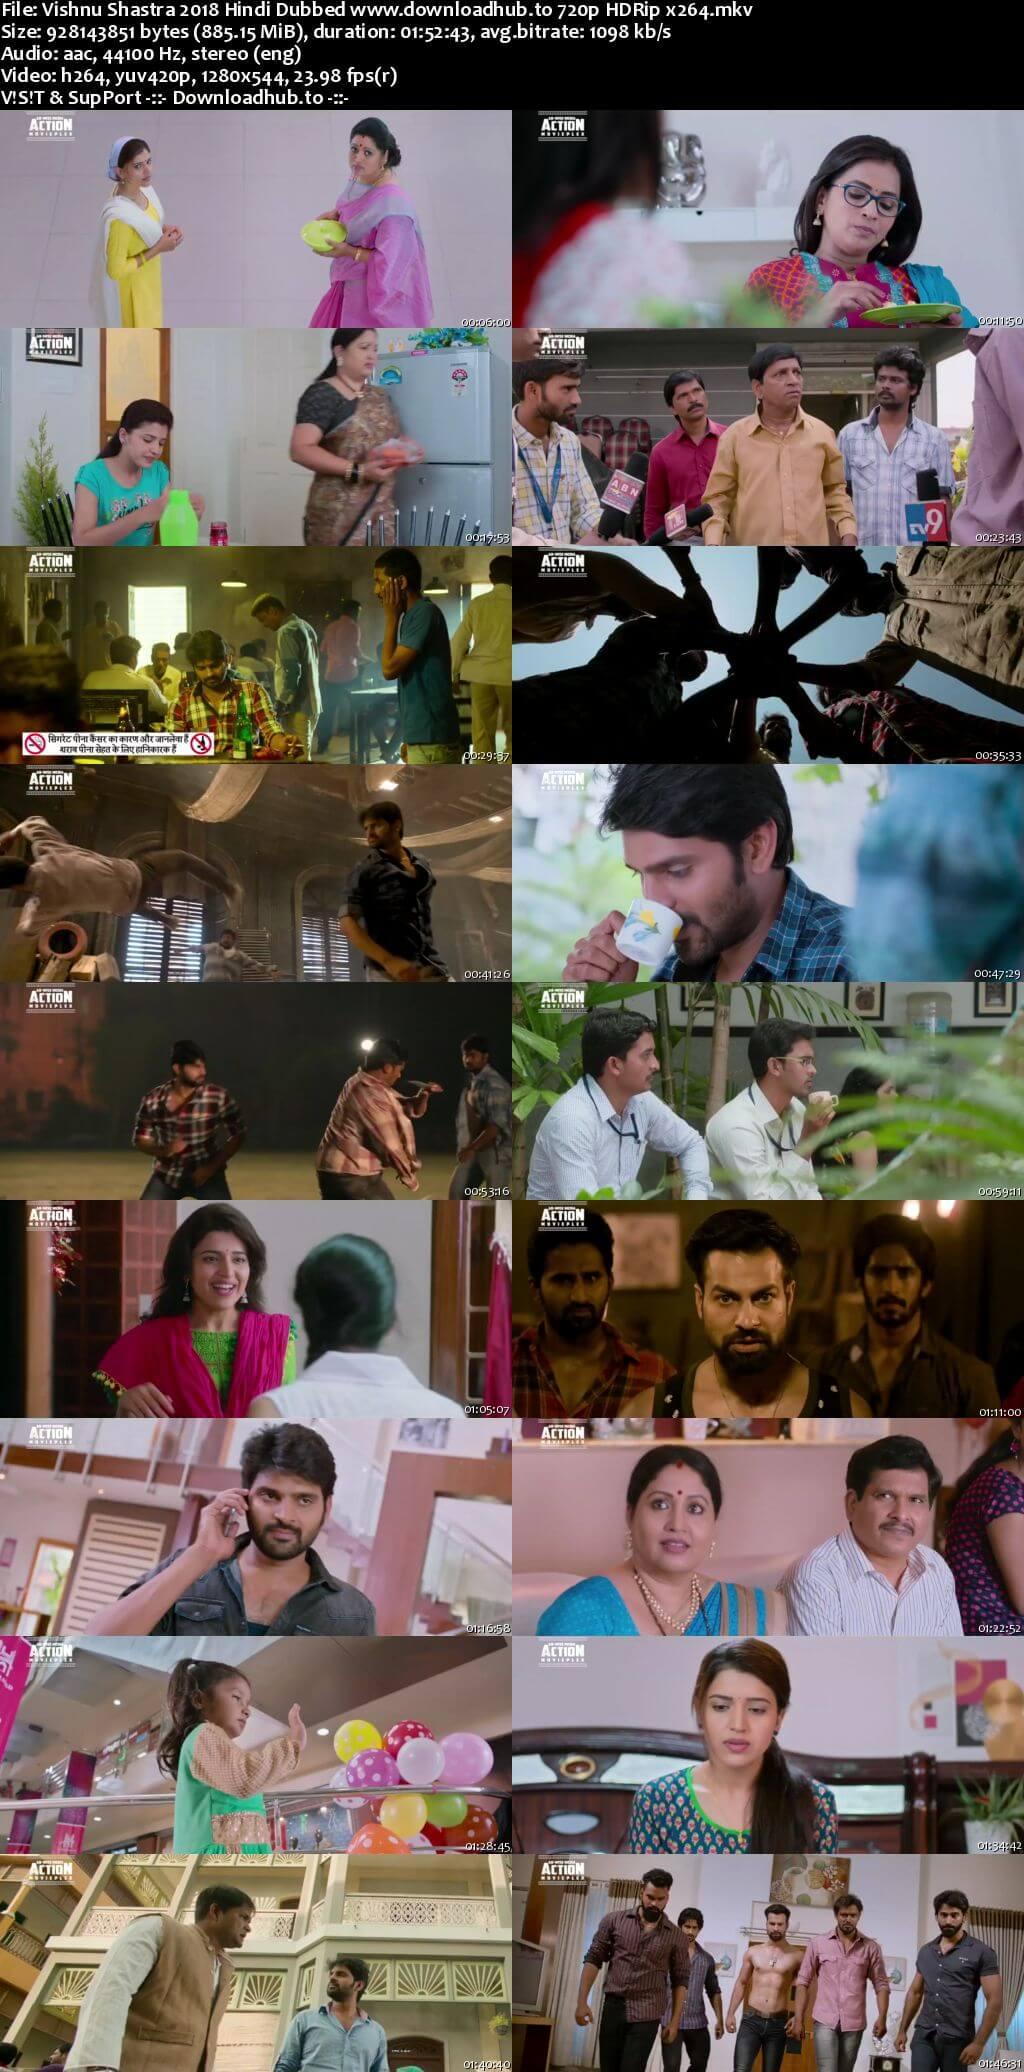 Vishnu Shastra 2018 Hindi Dubbed 720p HDRip x264